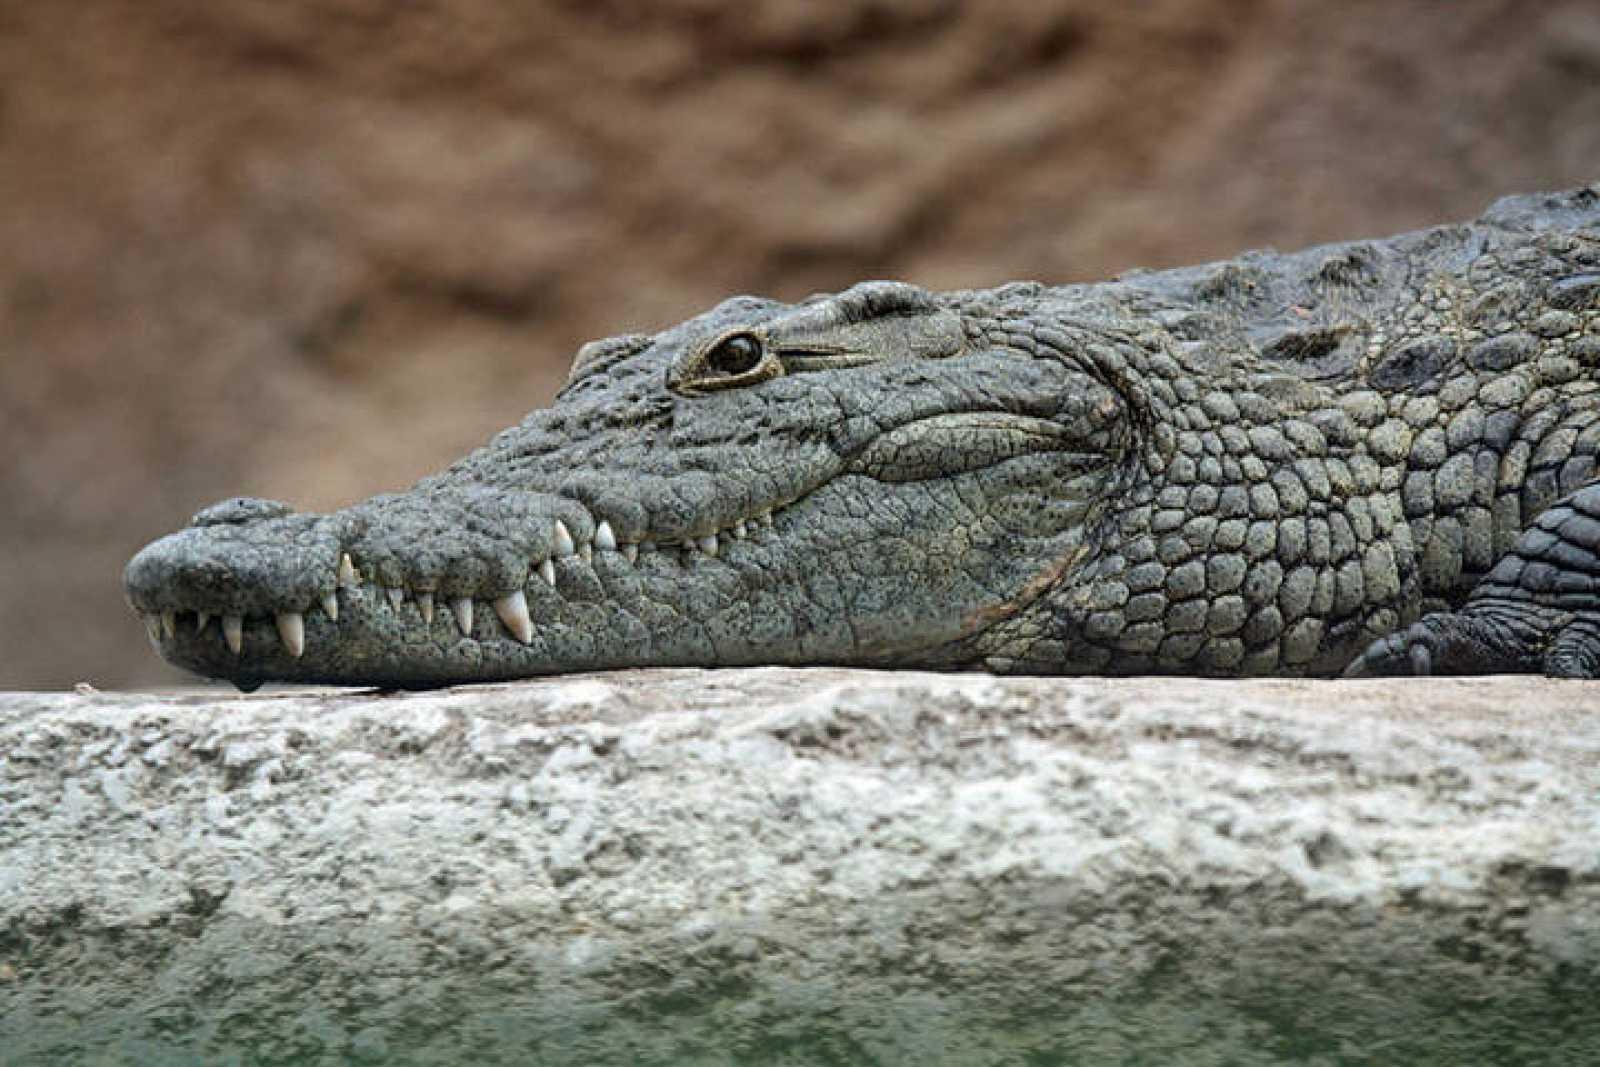 Atropellan y matan a otro cocodrilo; responsable huye